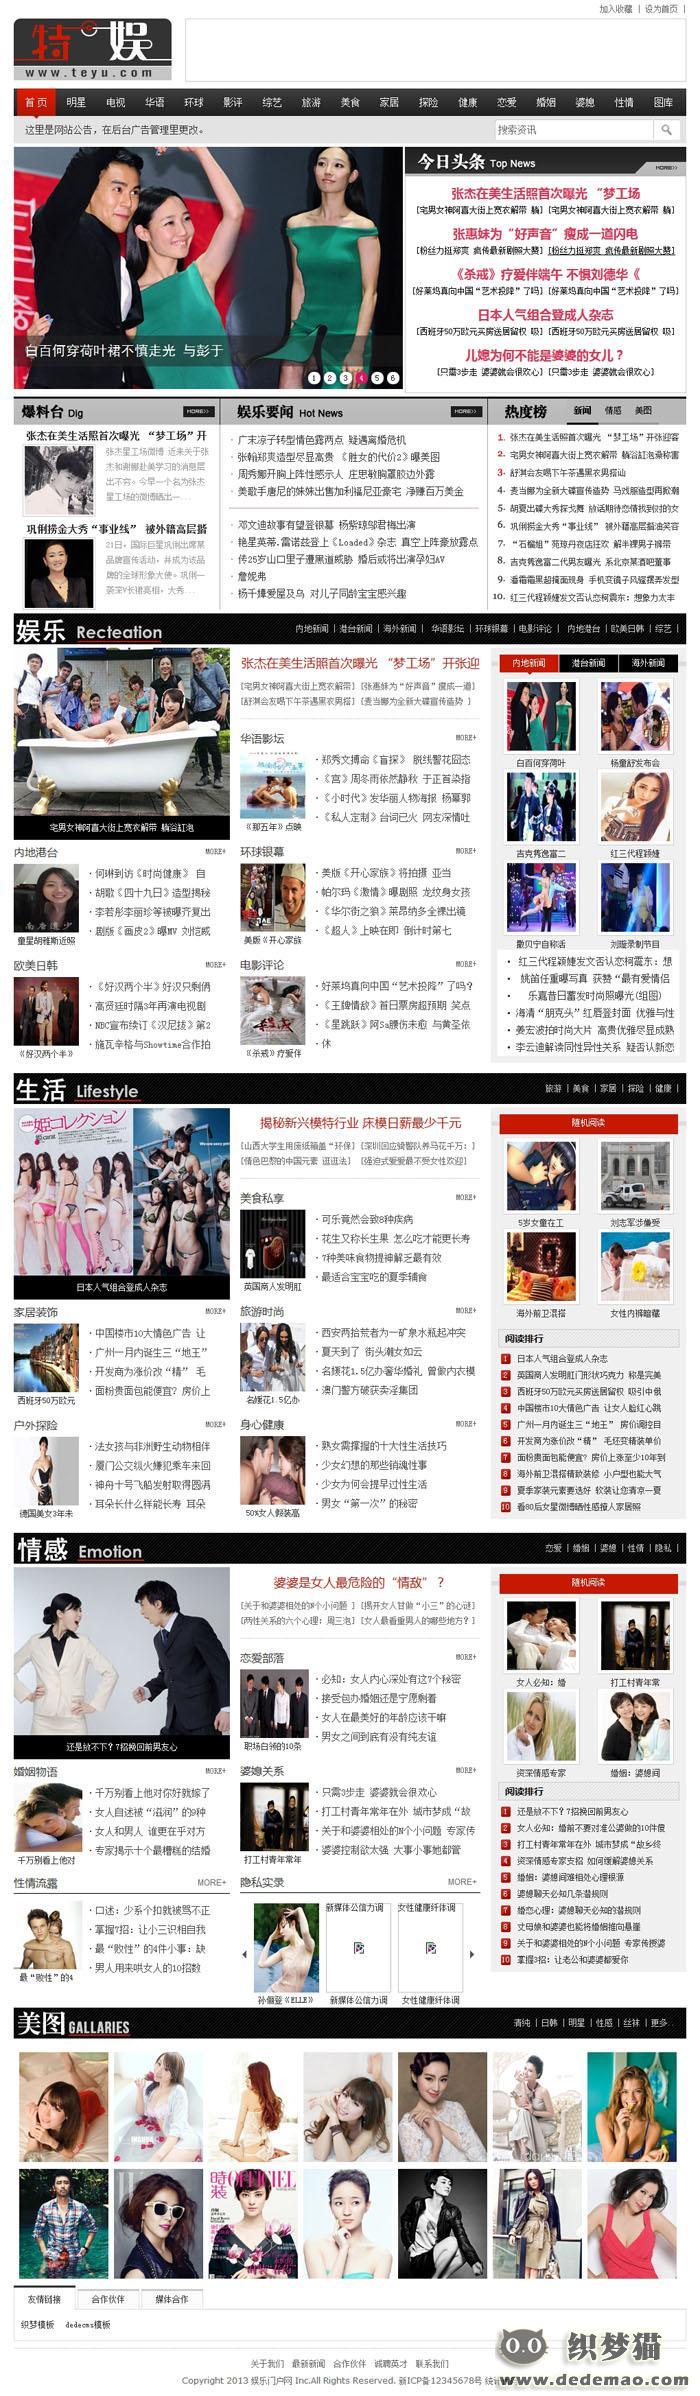 【织梦模板】娱乐门户网织梦dedecms模板